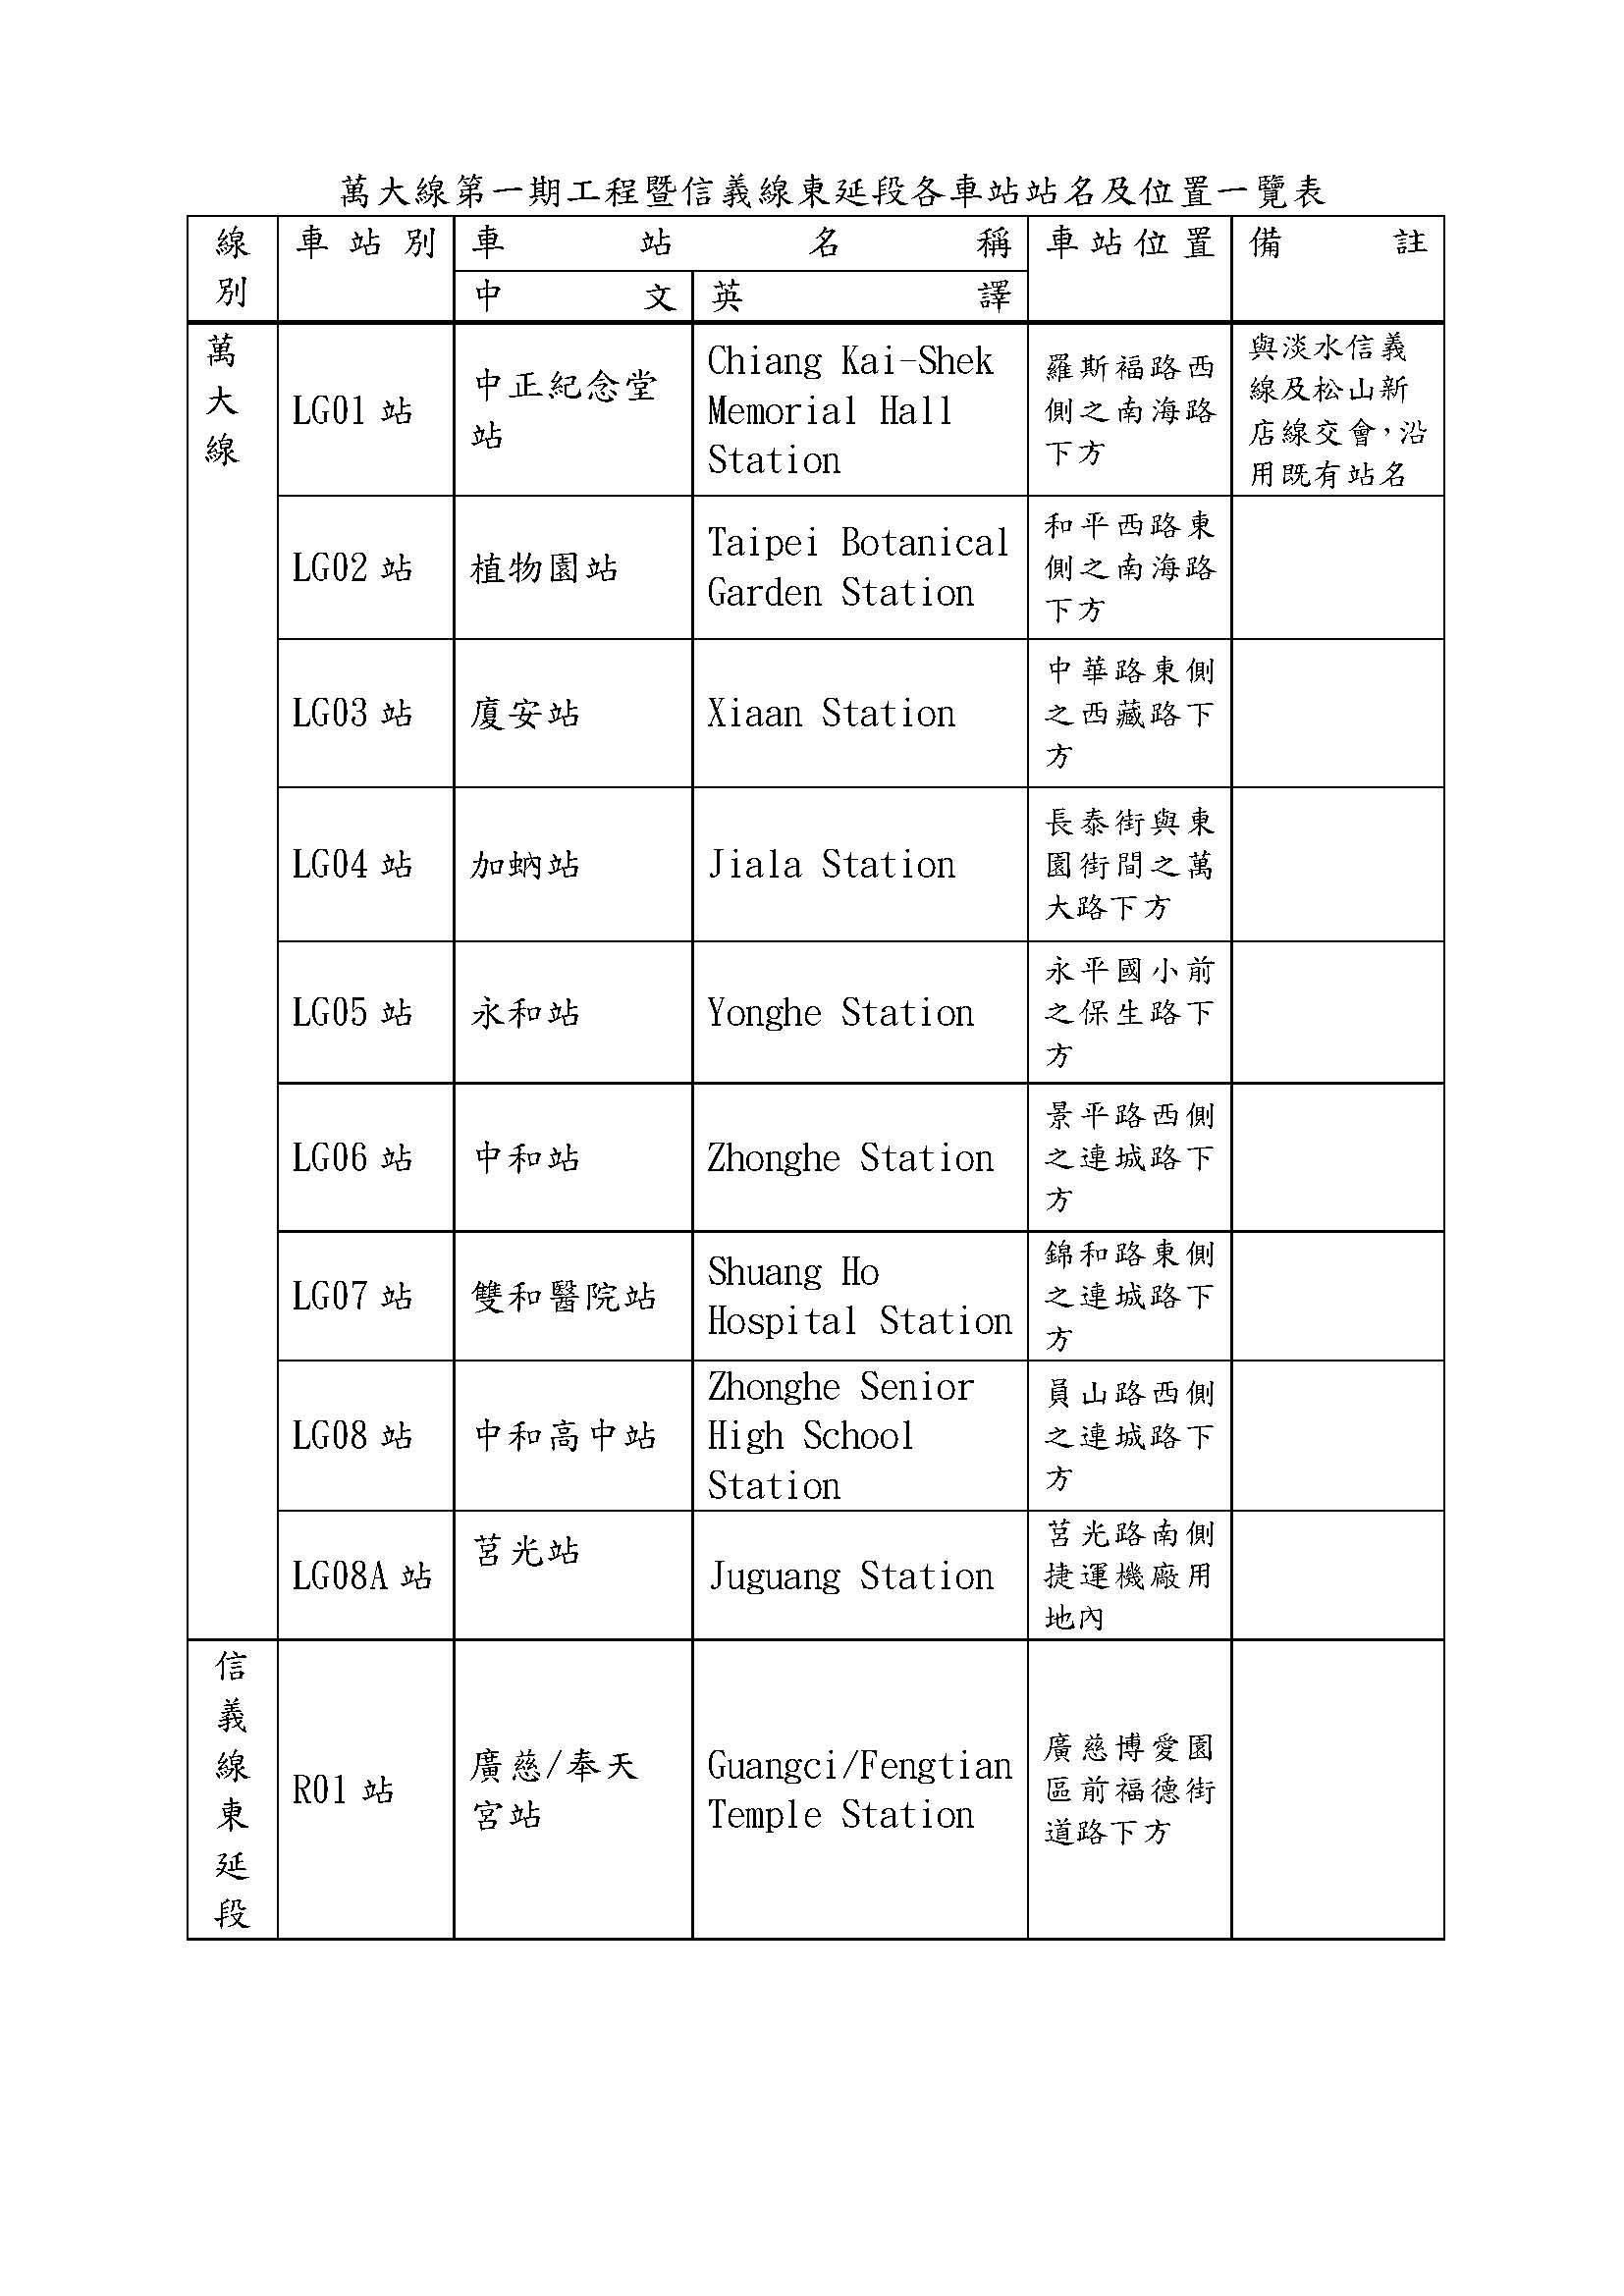 萬大線第一期工程暨信義線東延段各車站站名及位置一覽表